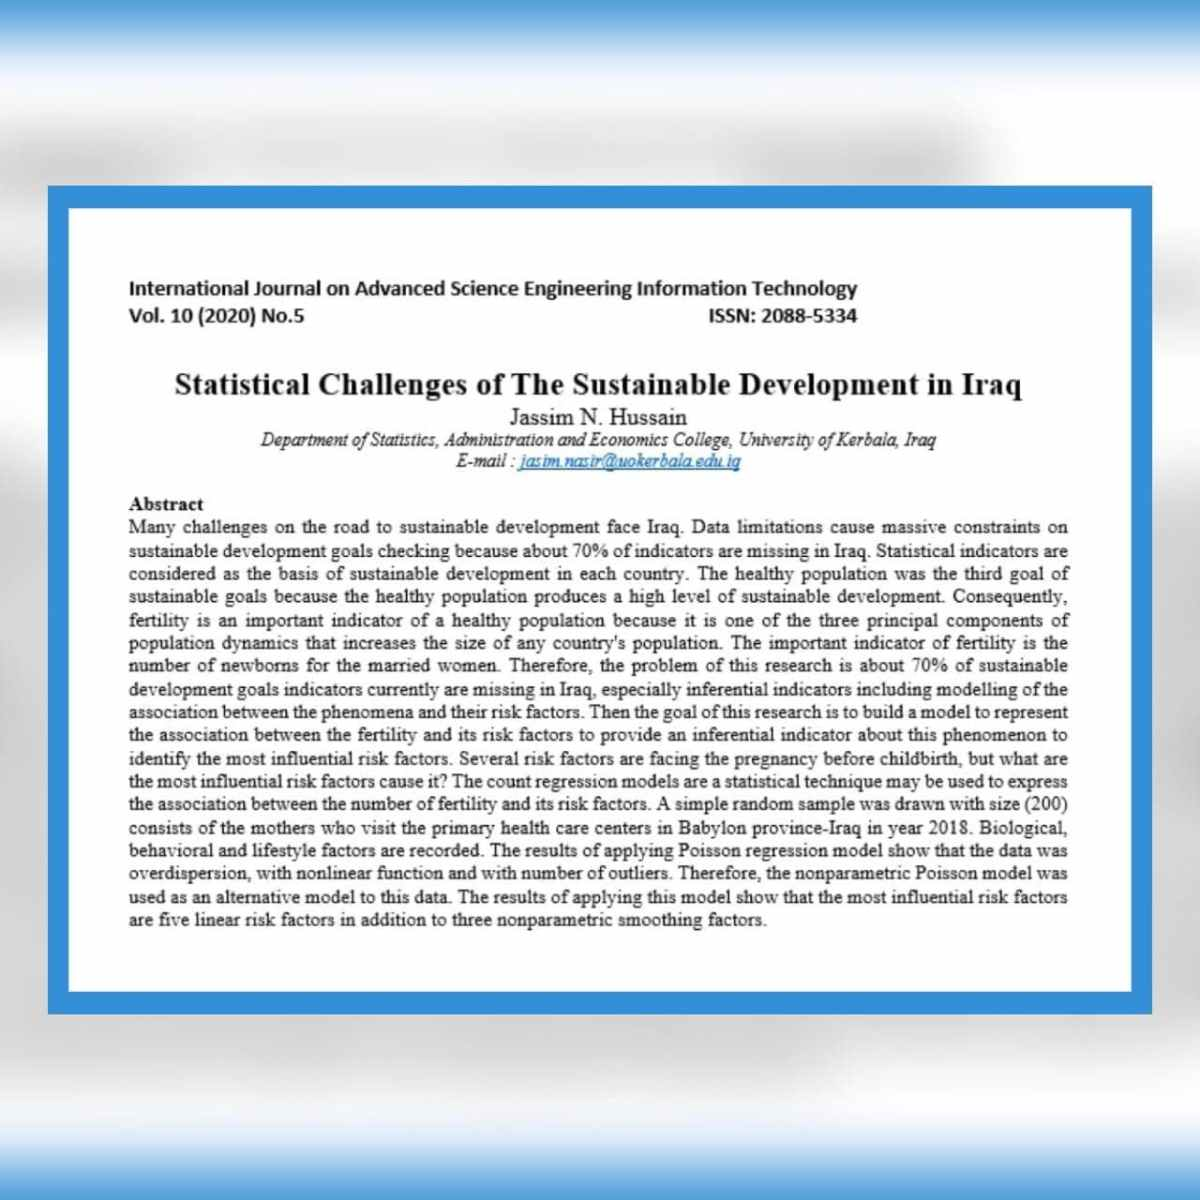 تدريسي من جامعة كربلاء ينشر دراسة علمية في مجلة عالمية